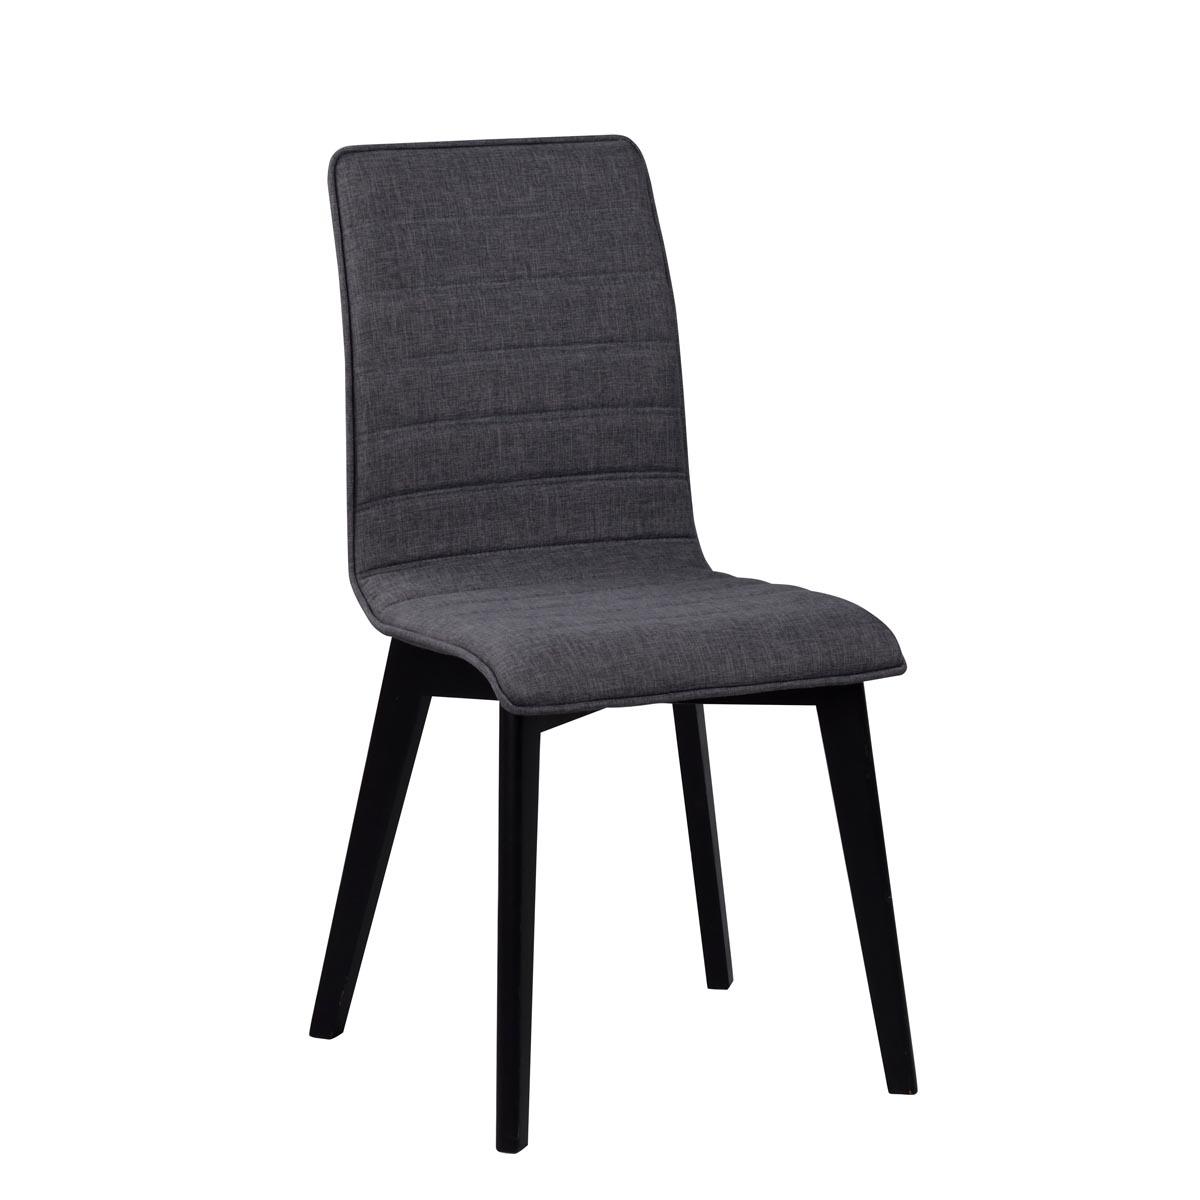 Febe-stol-morkgra-tyg-svart-Grace-113639